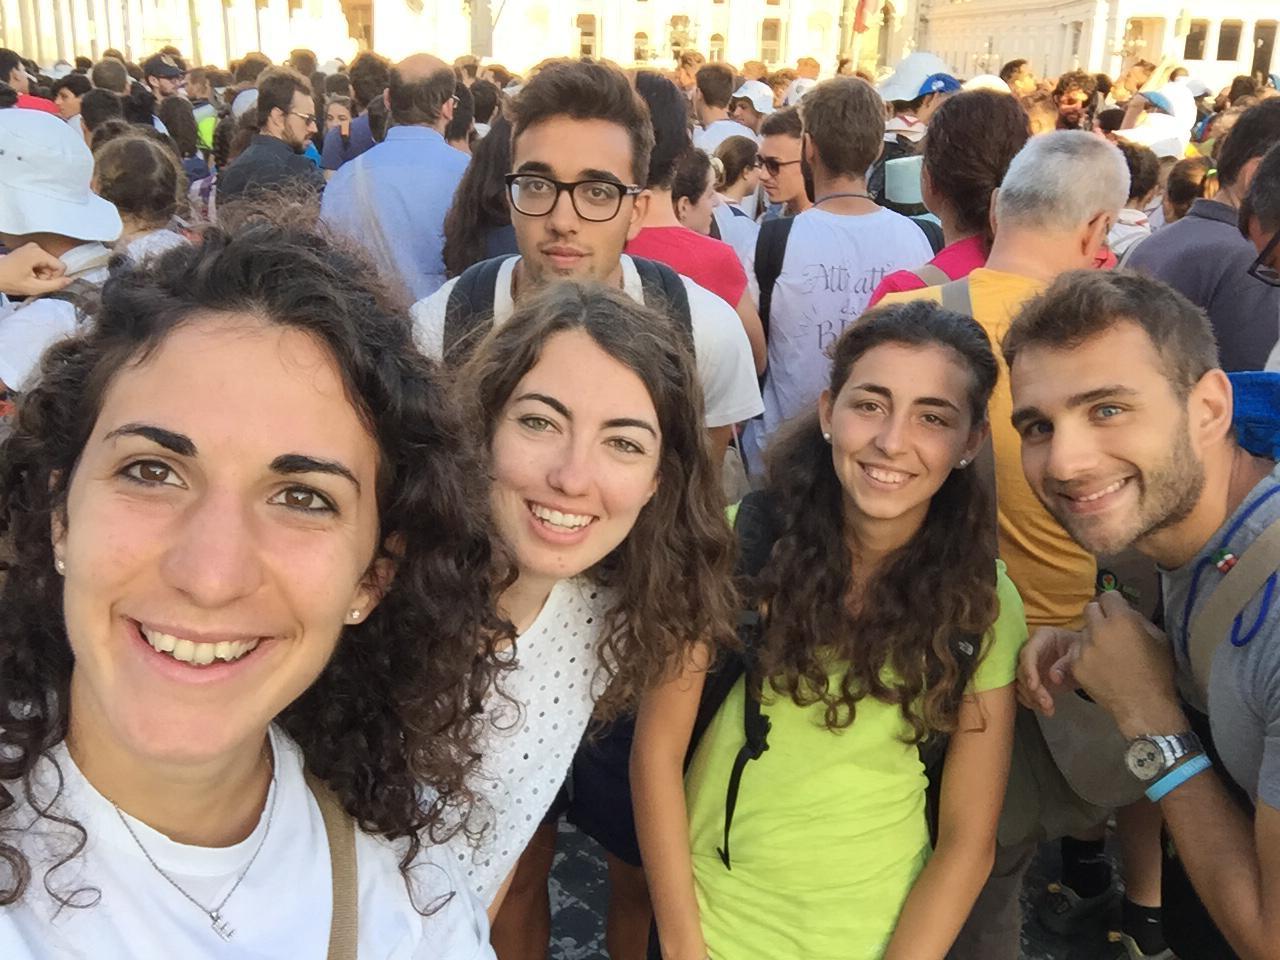 Pellegrinaggio Roma 2018 incontro (24)